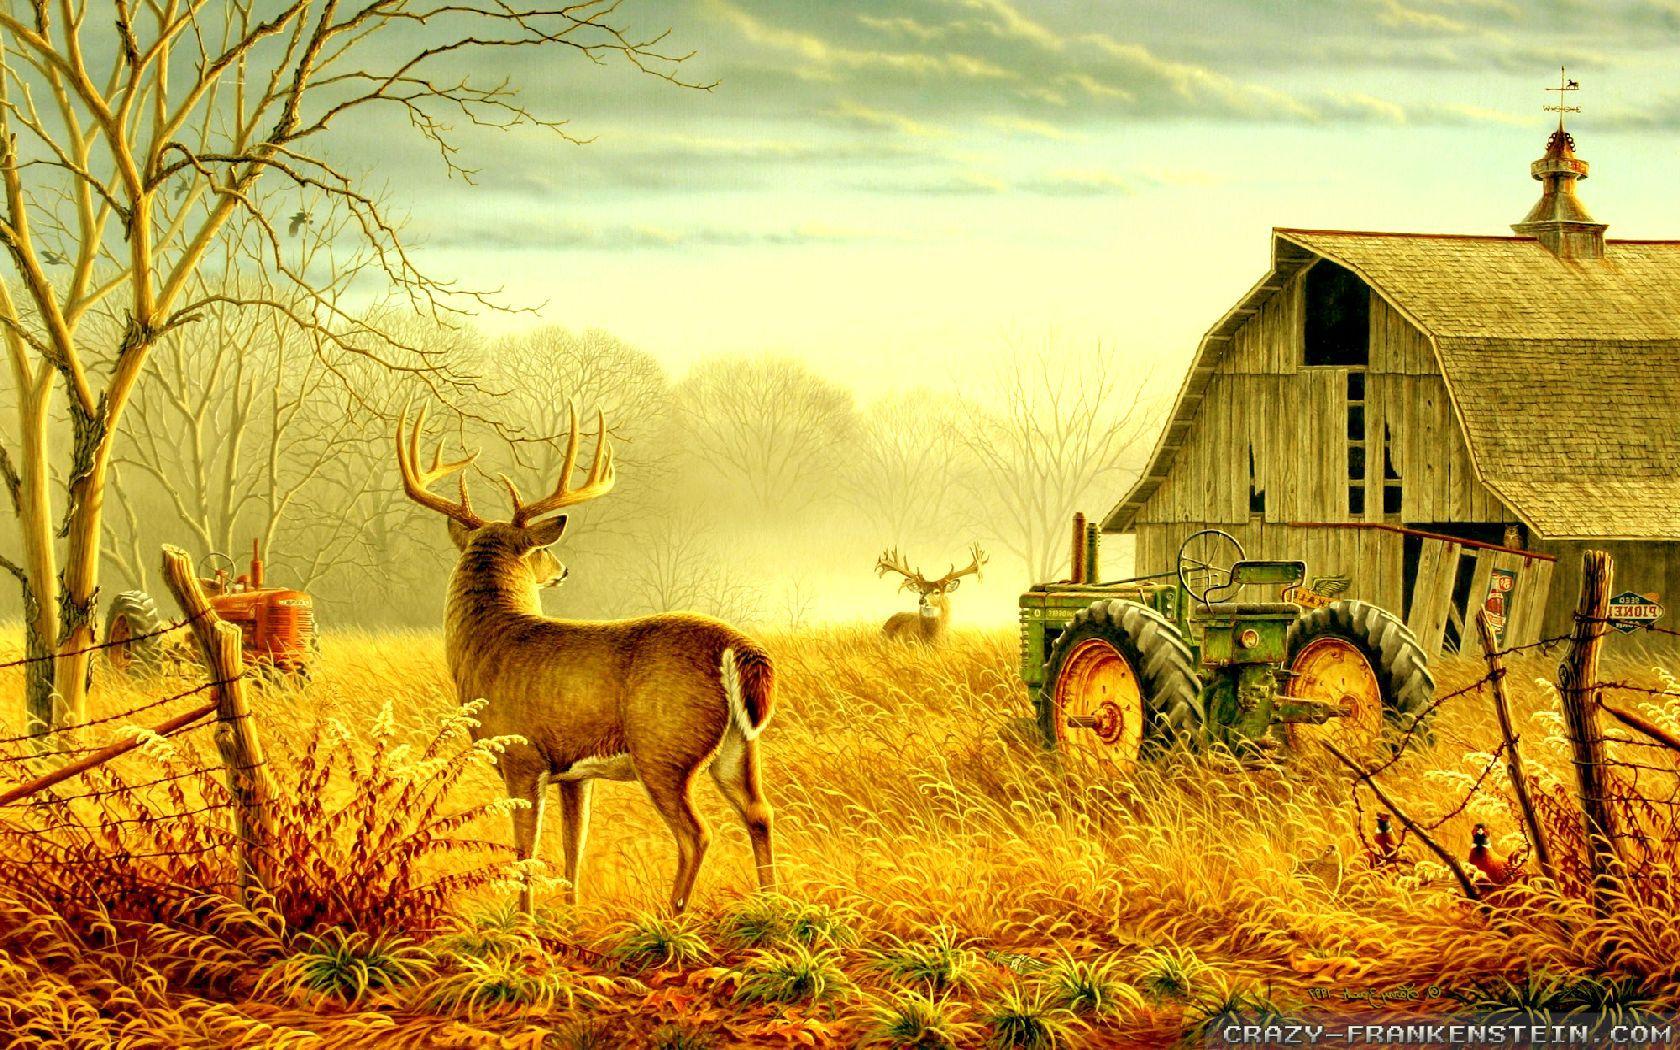 country Love Desktop Wallpaper : Farm Scene Wallpaper for computer - WallpaperSafari